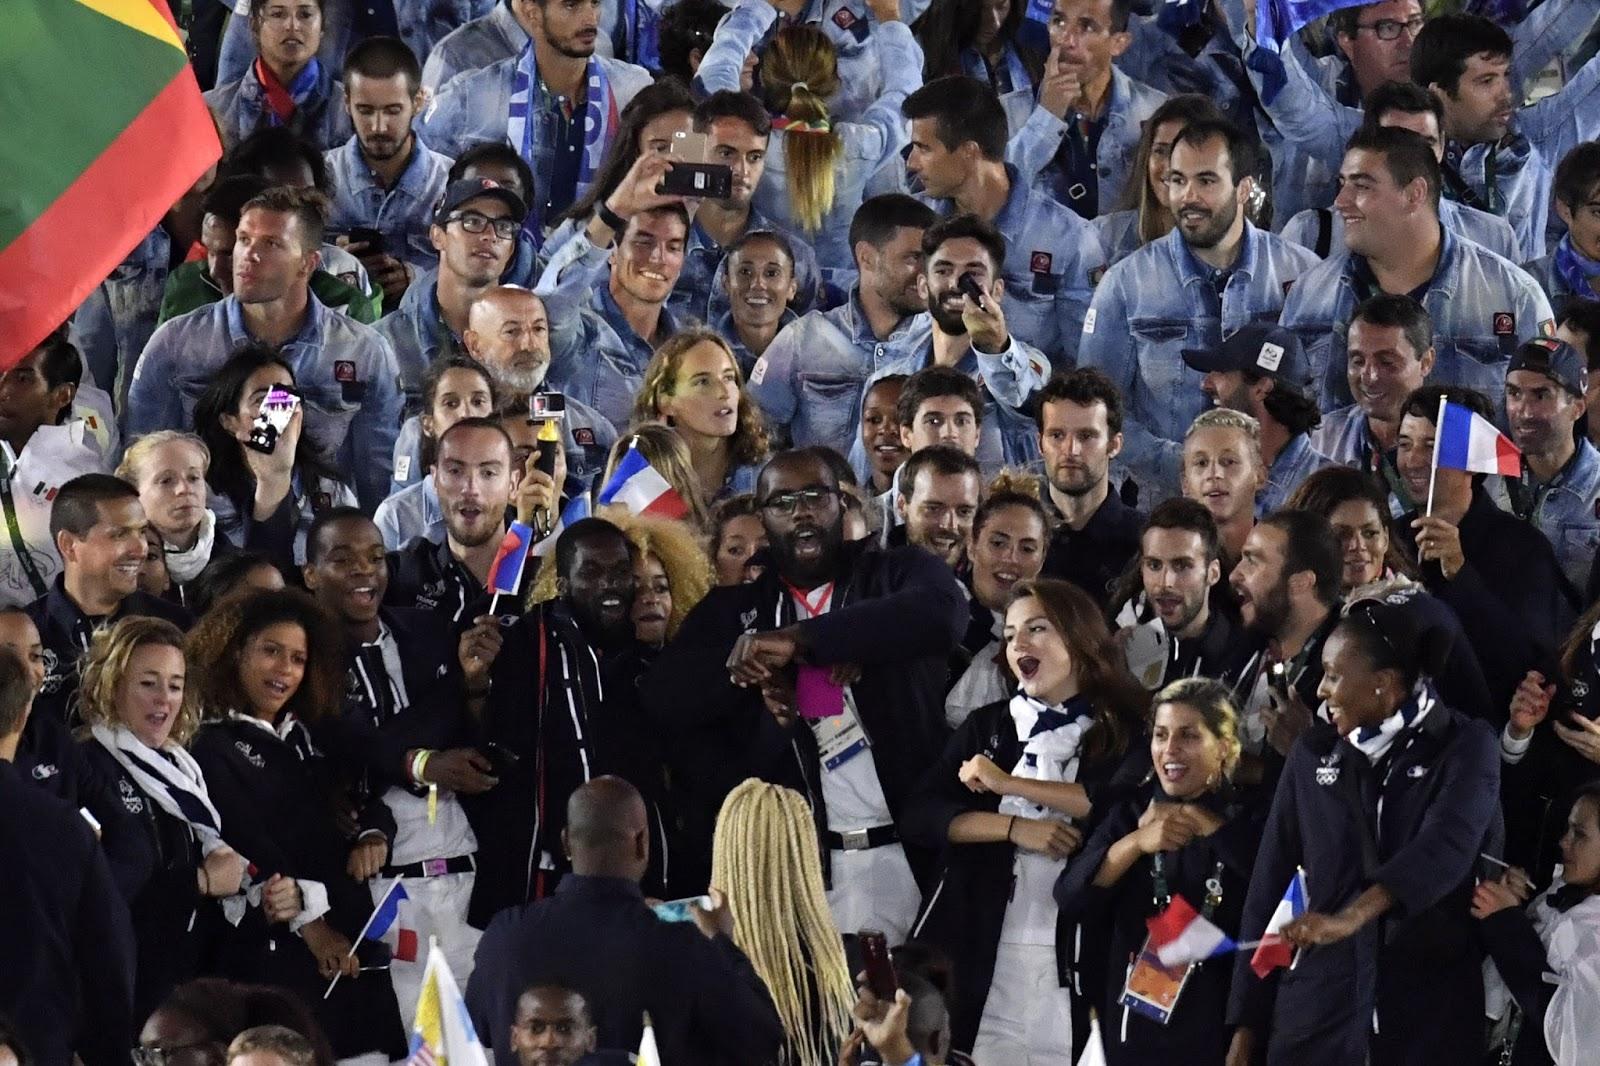 RIO OLYMPICS 2016 CLOSING CEREMONY 11